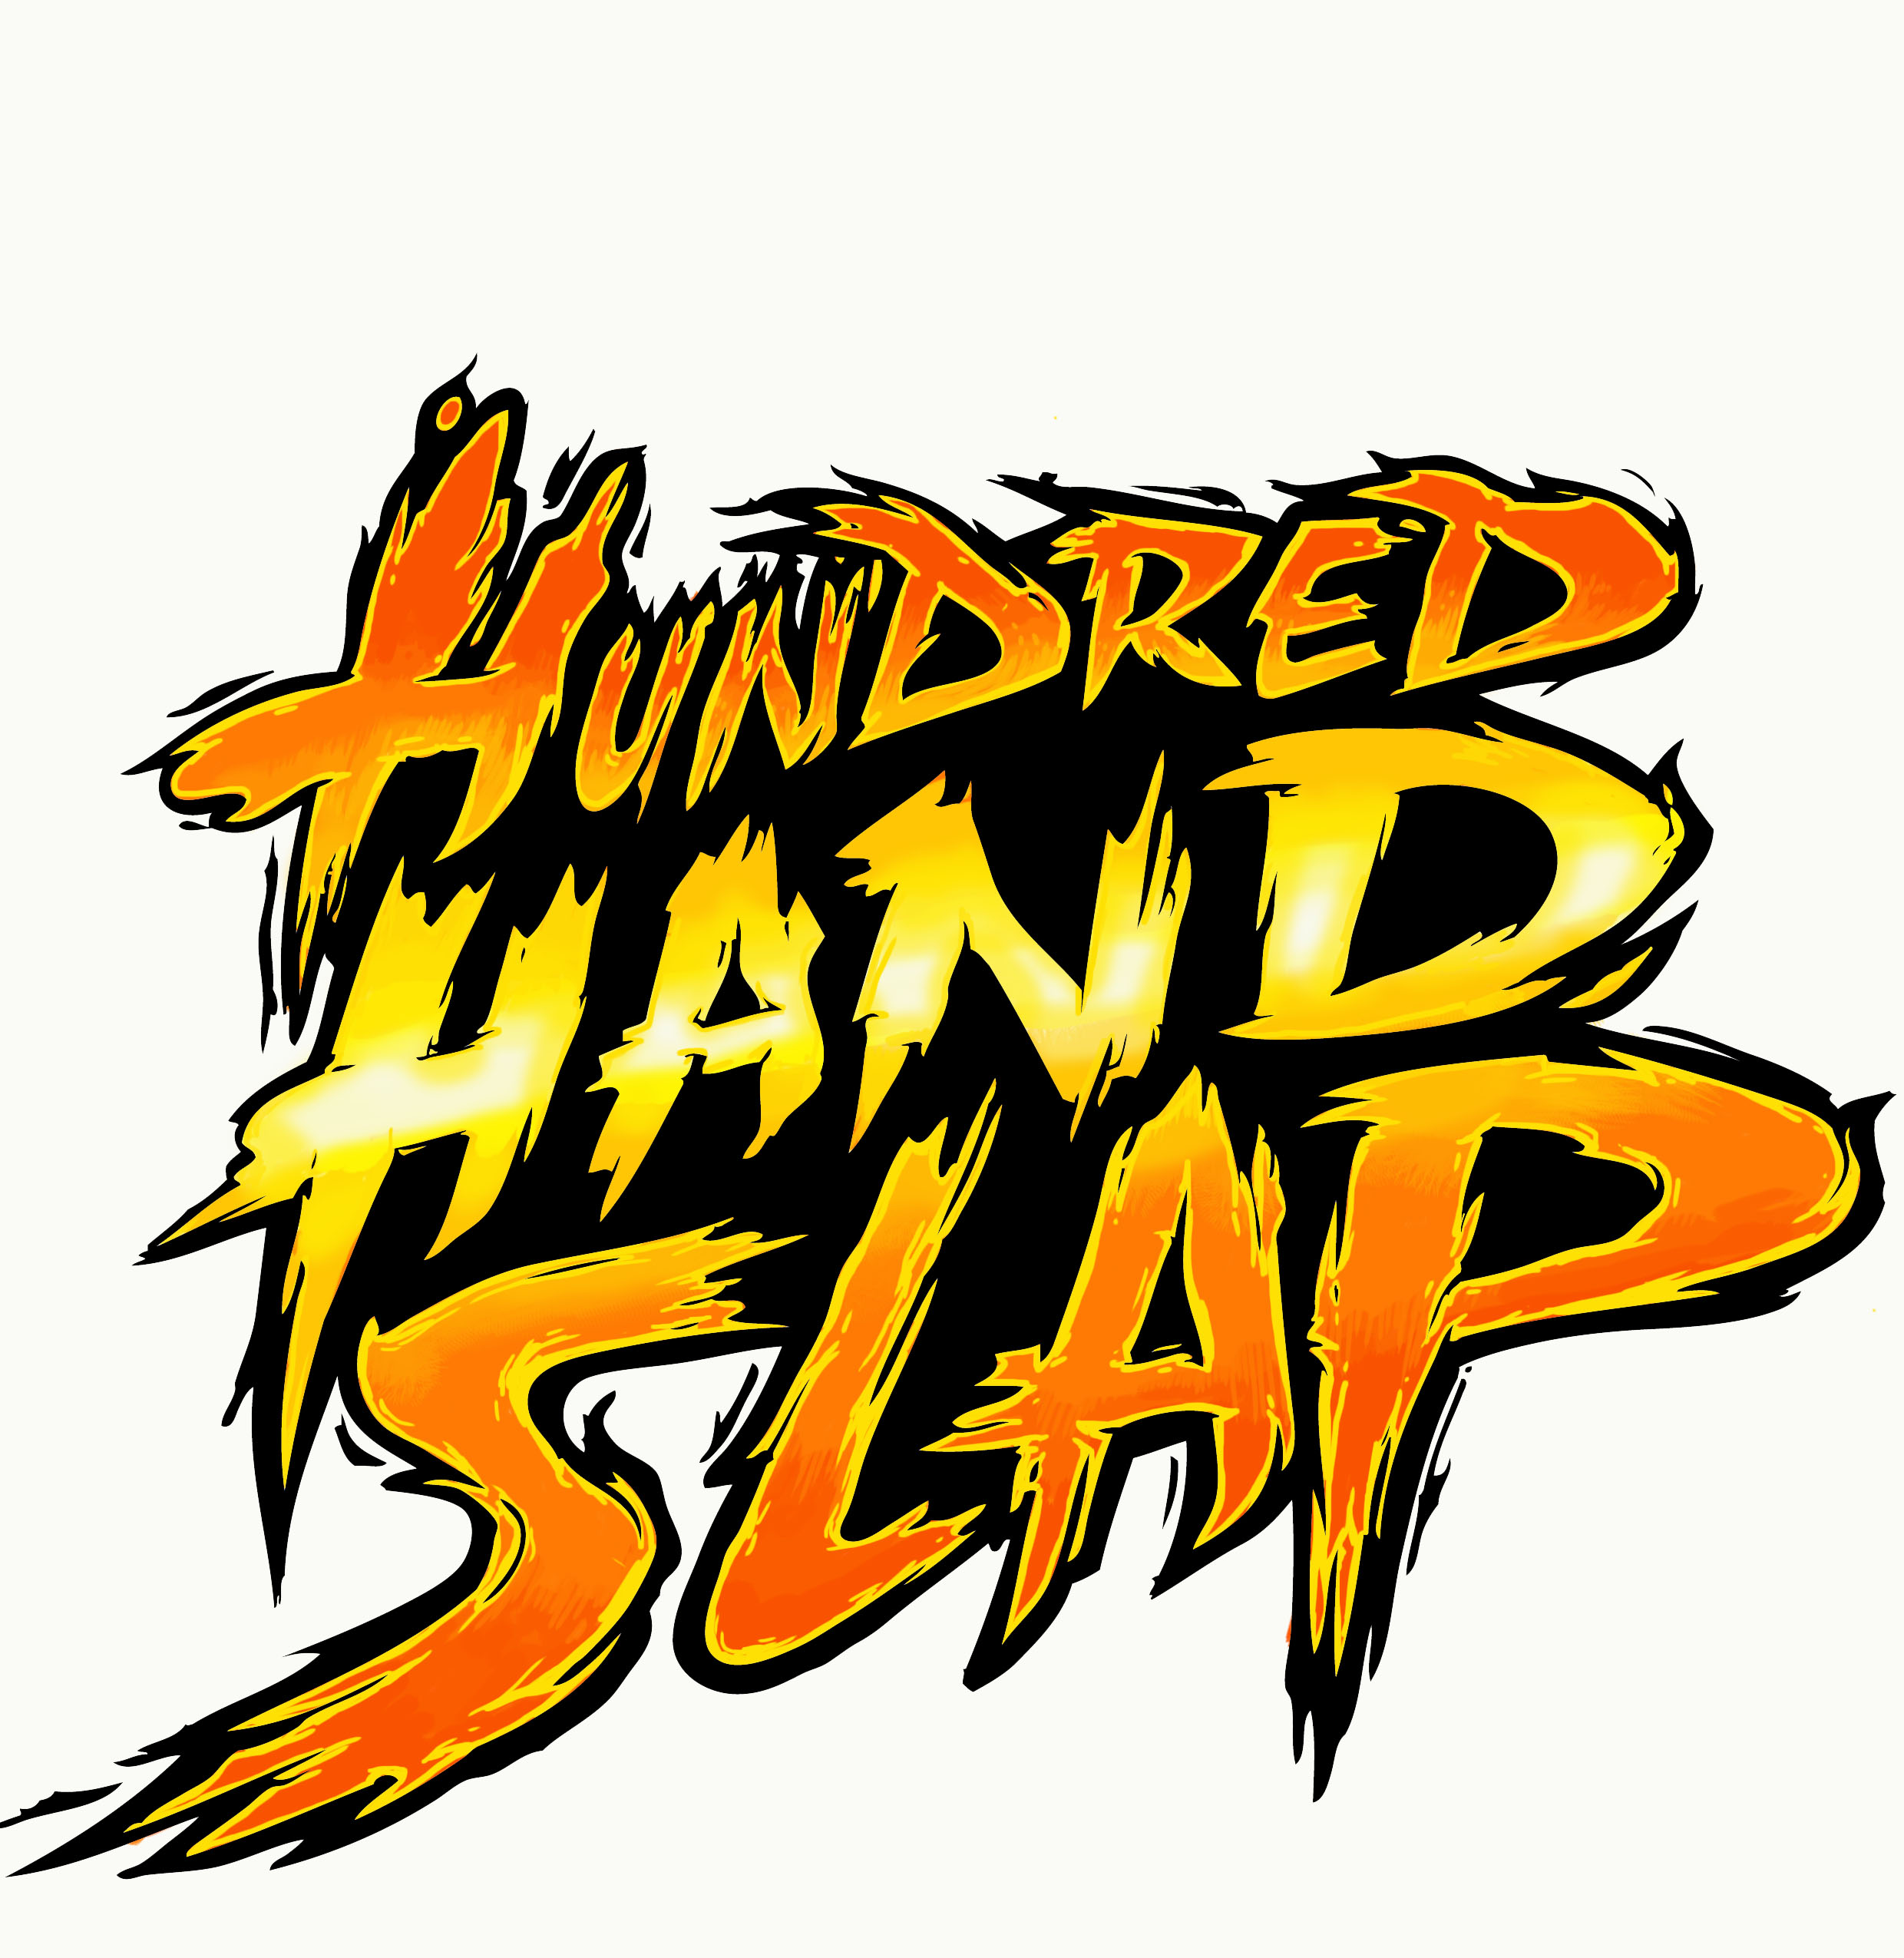 Hundred Hand Slap